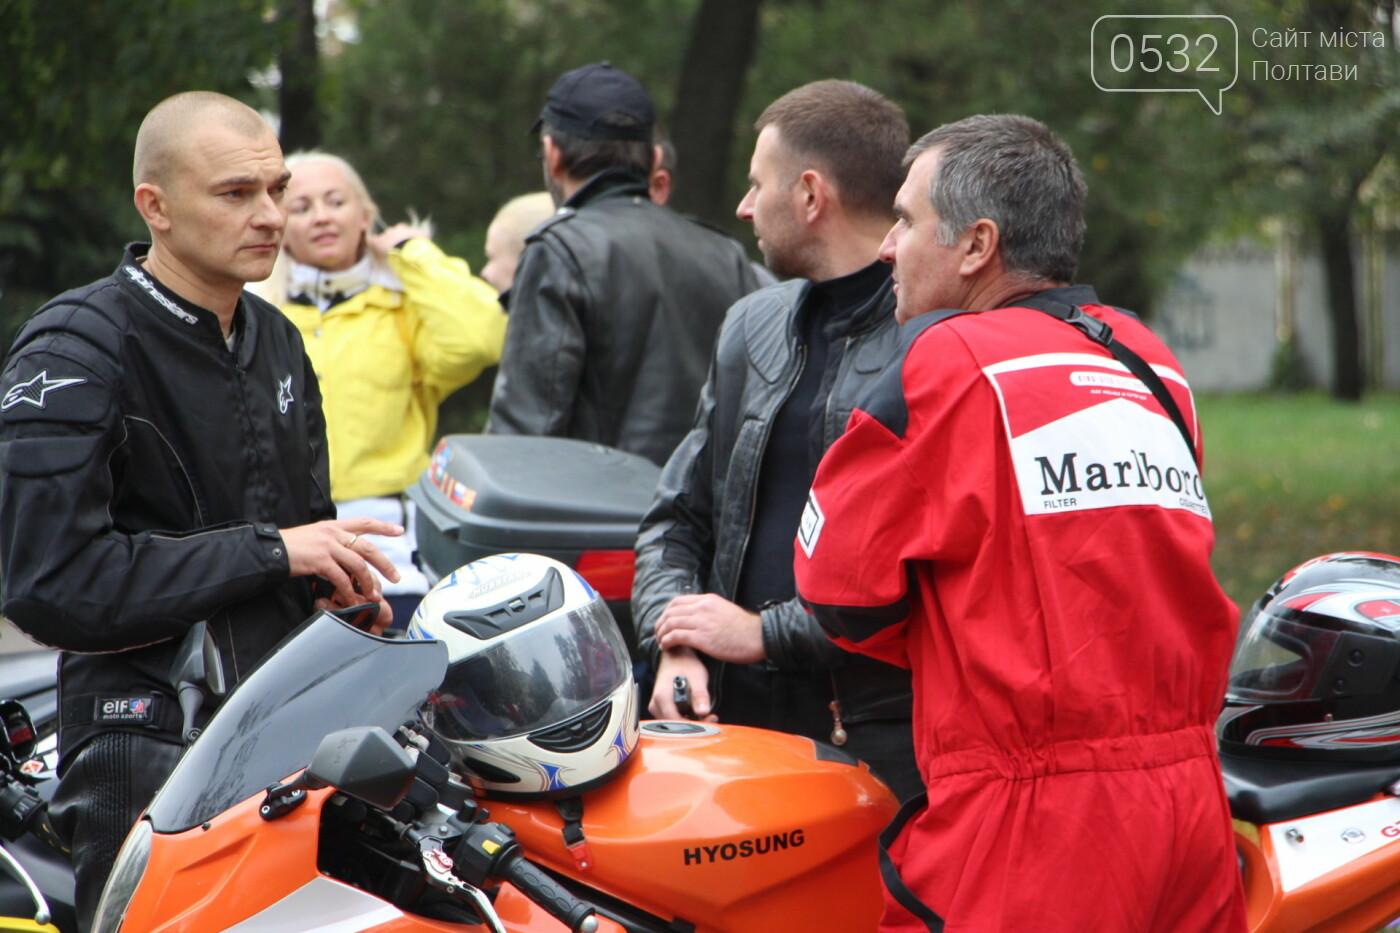 У Полтаві сотні байкерів приїхали на закриття мотосезону (ФОТОРЕПОРТАЖ), фото-12